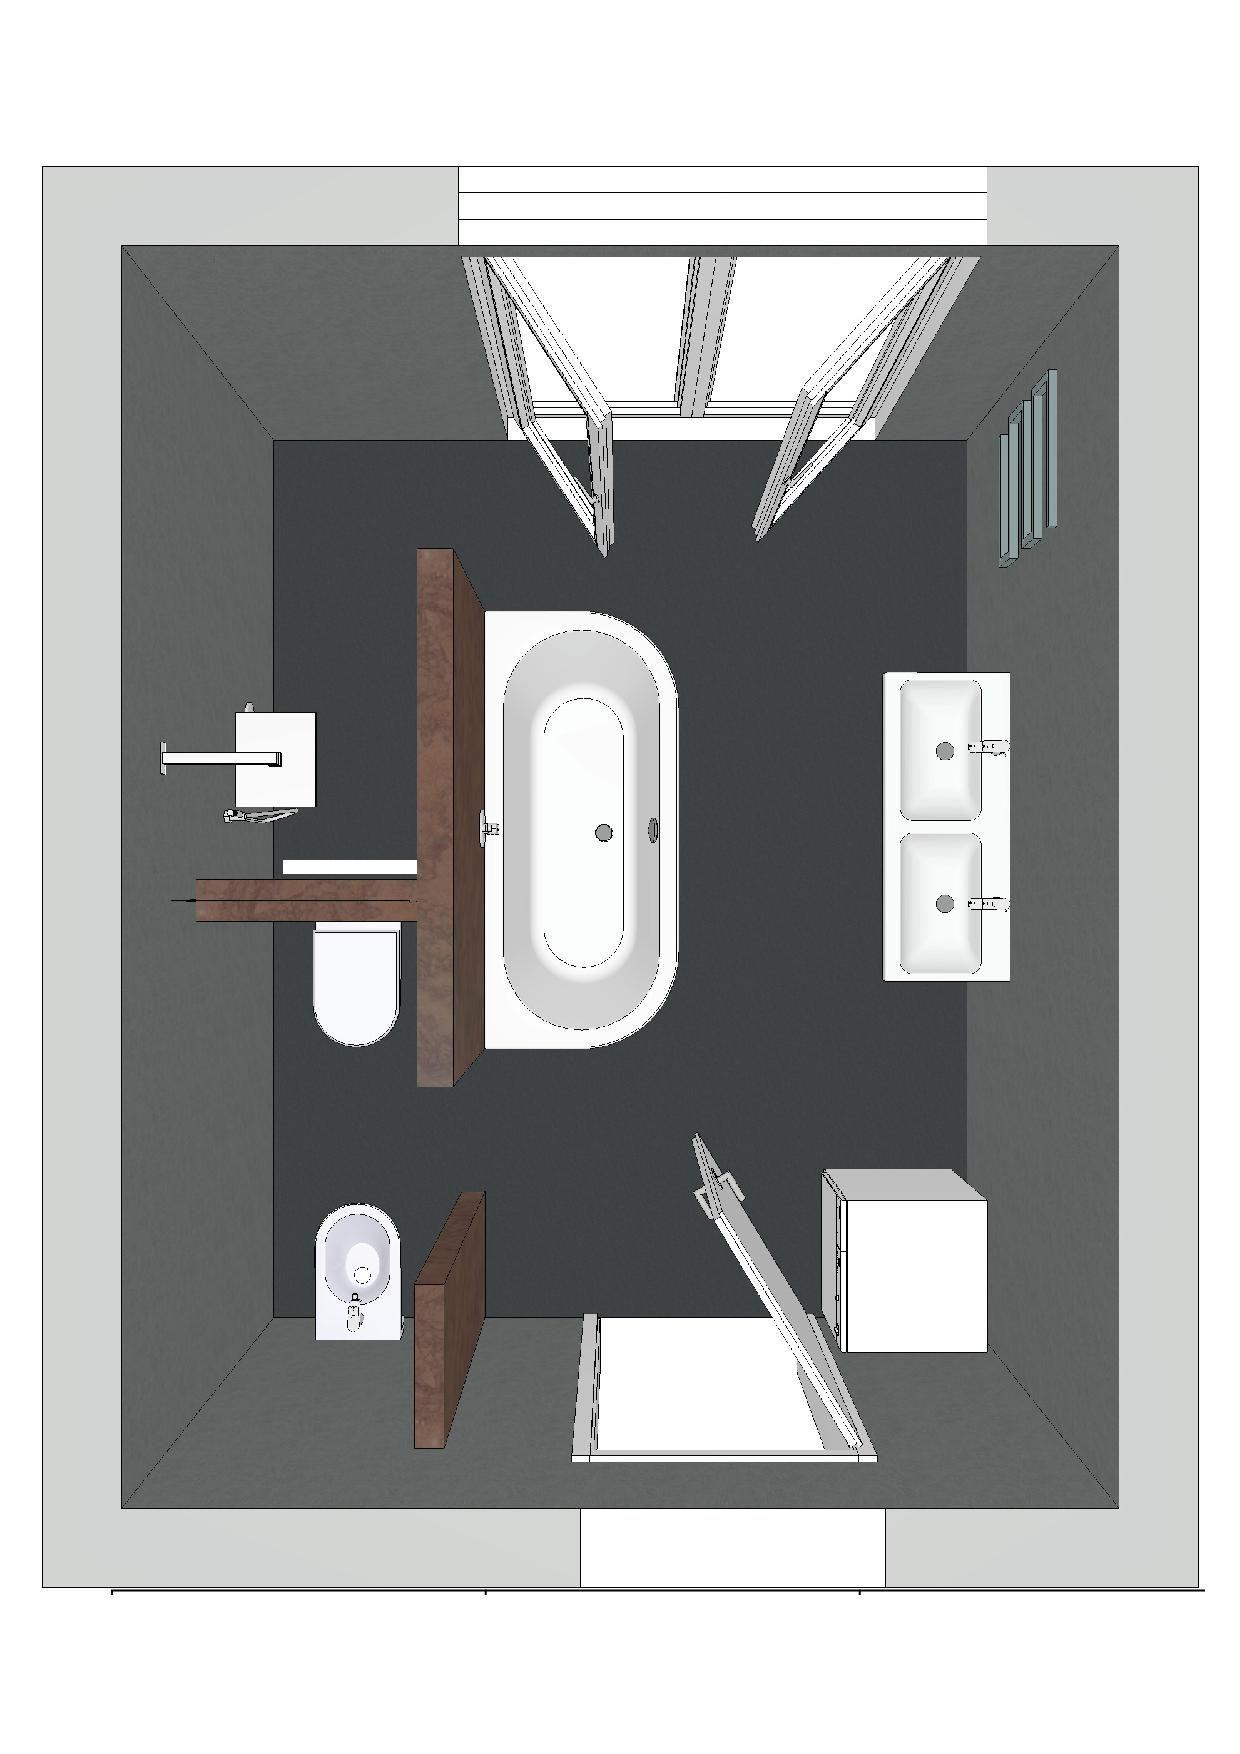 Ensuite badezimmerdesign plan pour une salle de bains  ideas baño en suite  pinterest